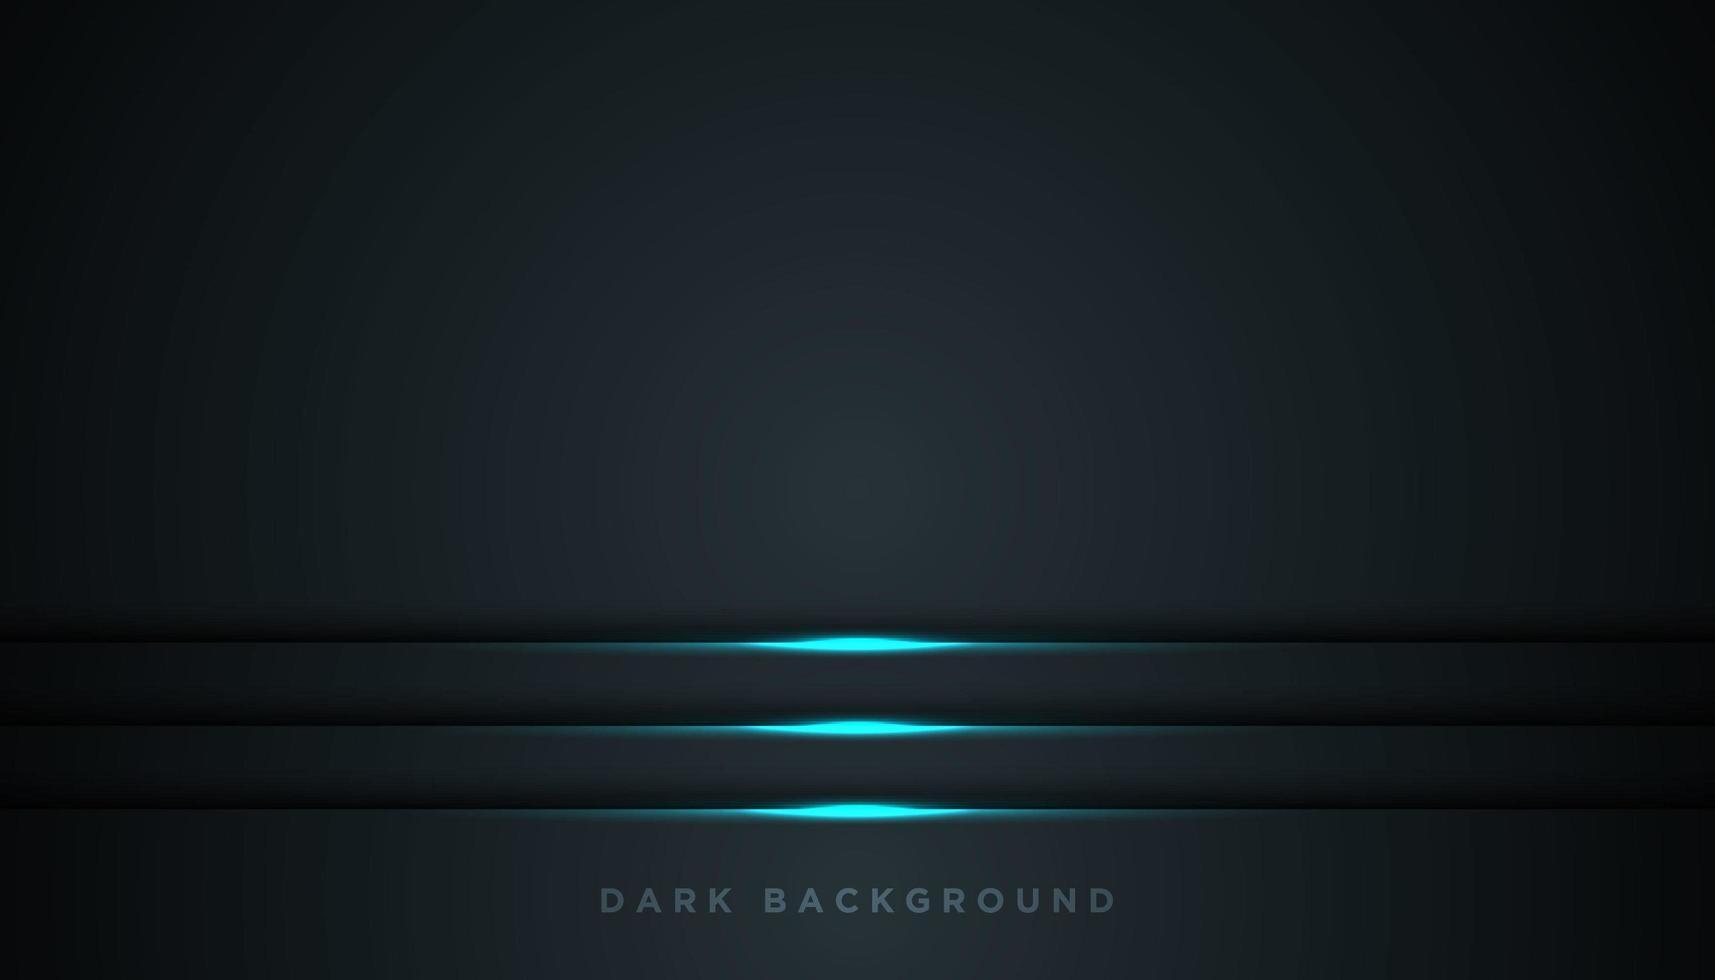 fondo negro con brillantes líneas azules en la parte inferior vector